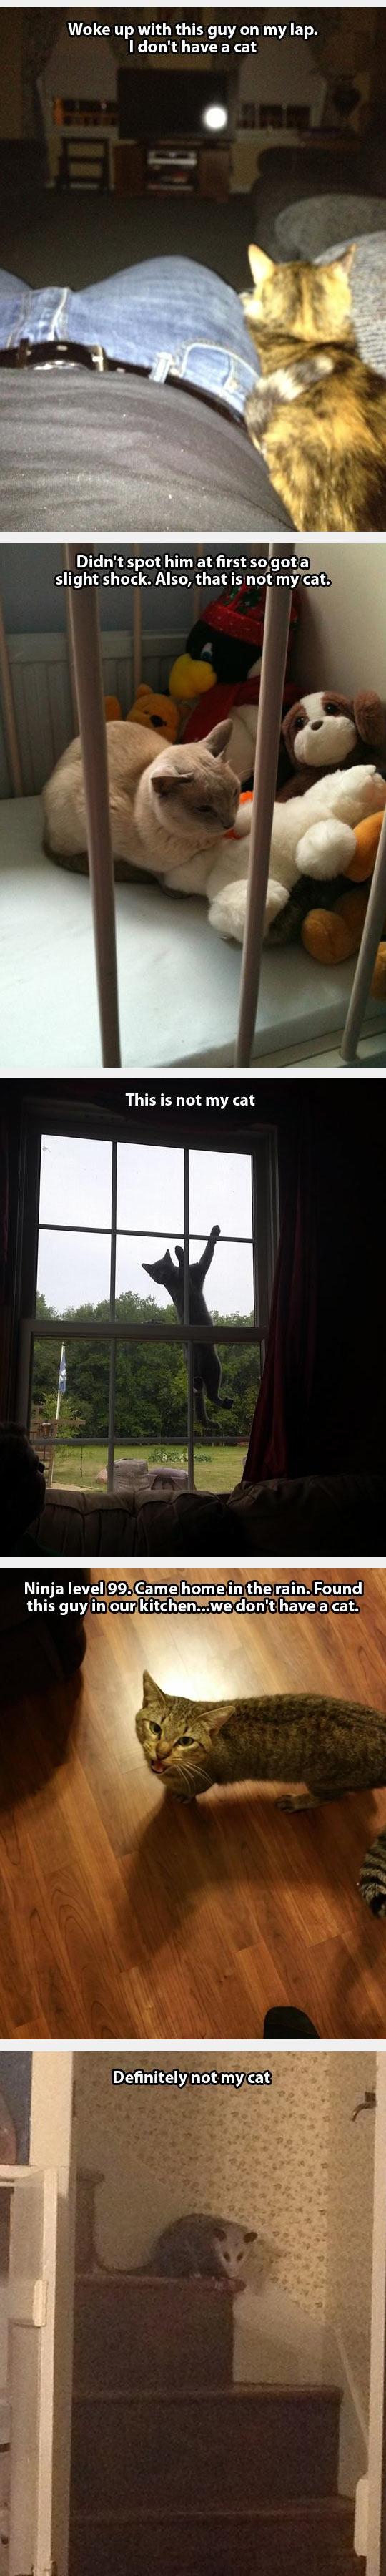 funny-cat-kitchen-owner-strange-inside